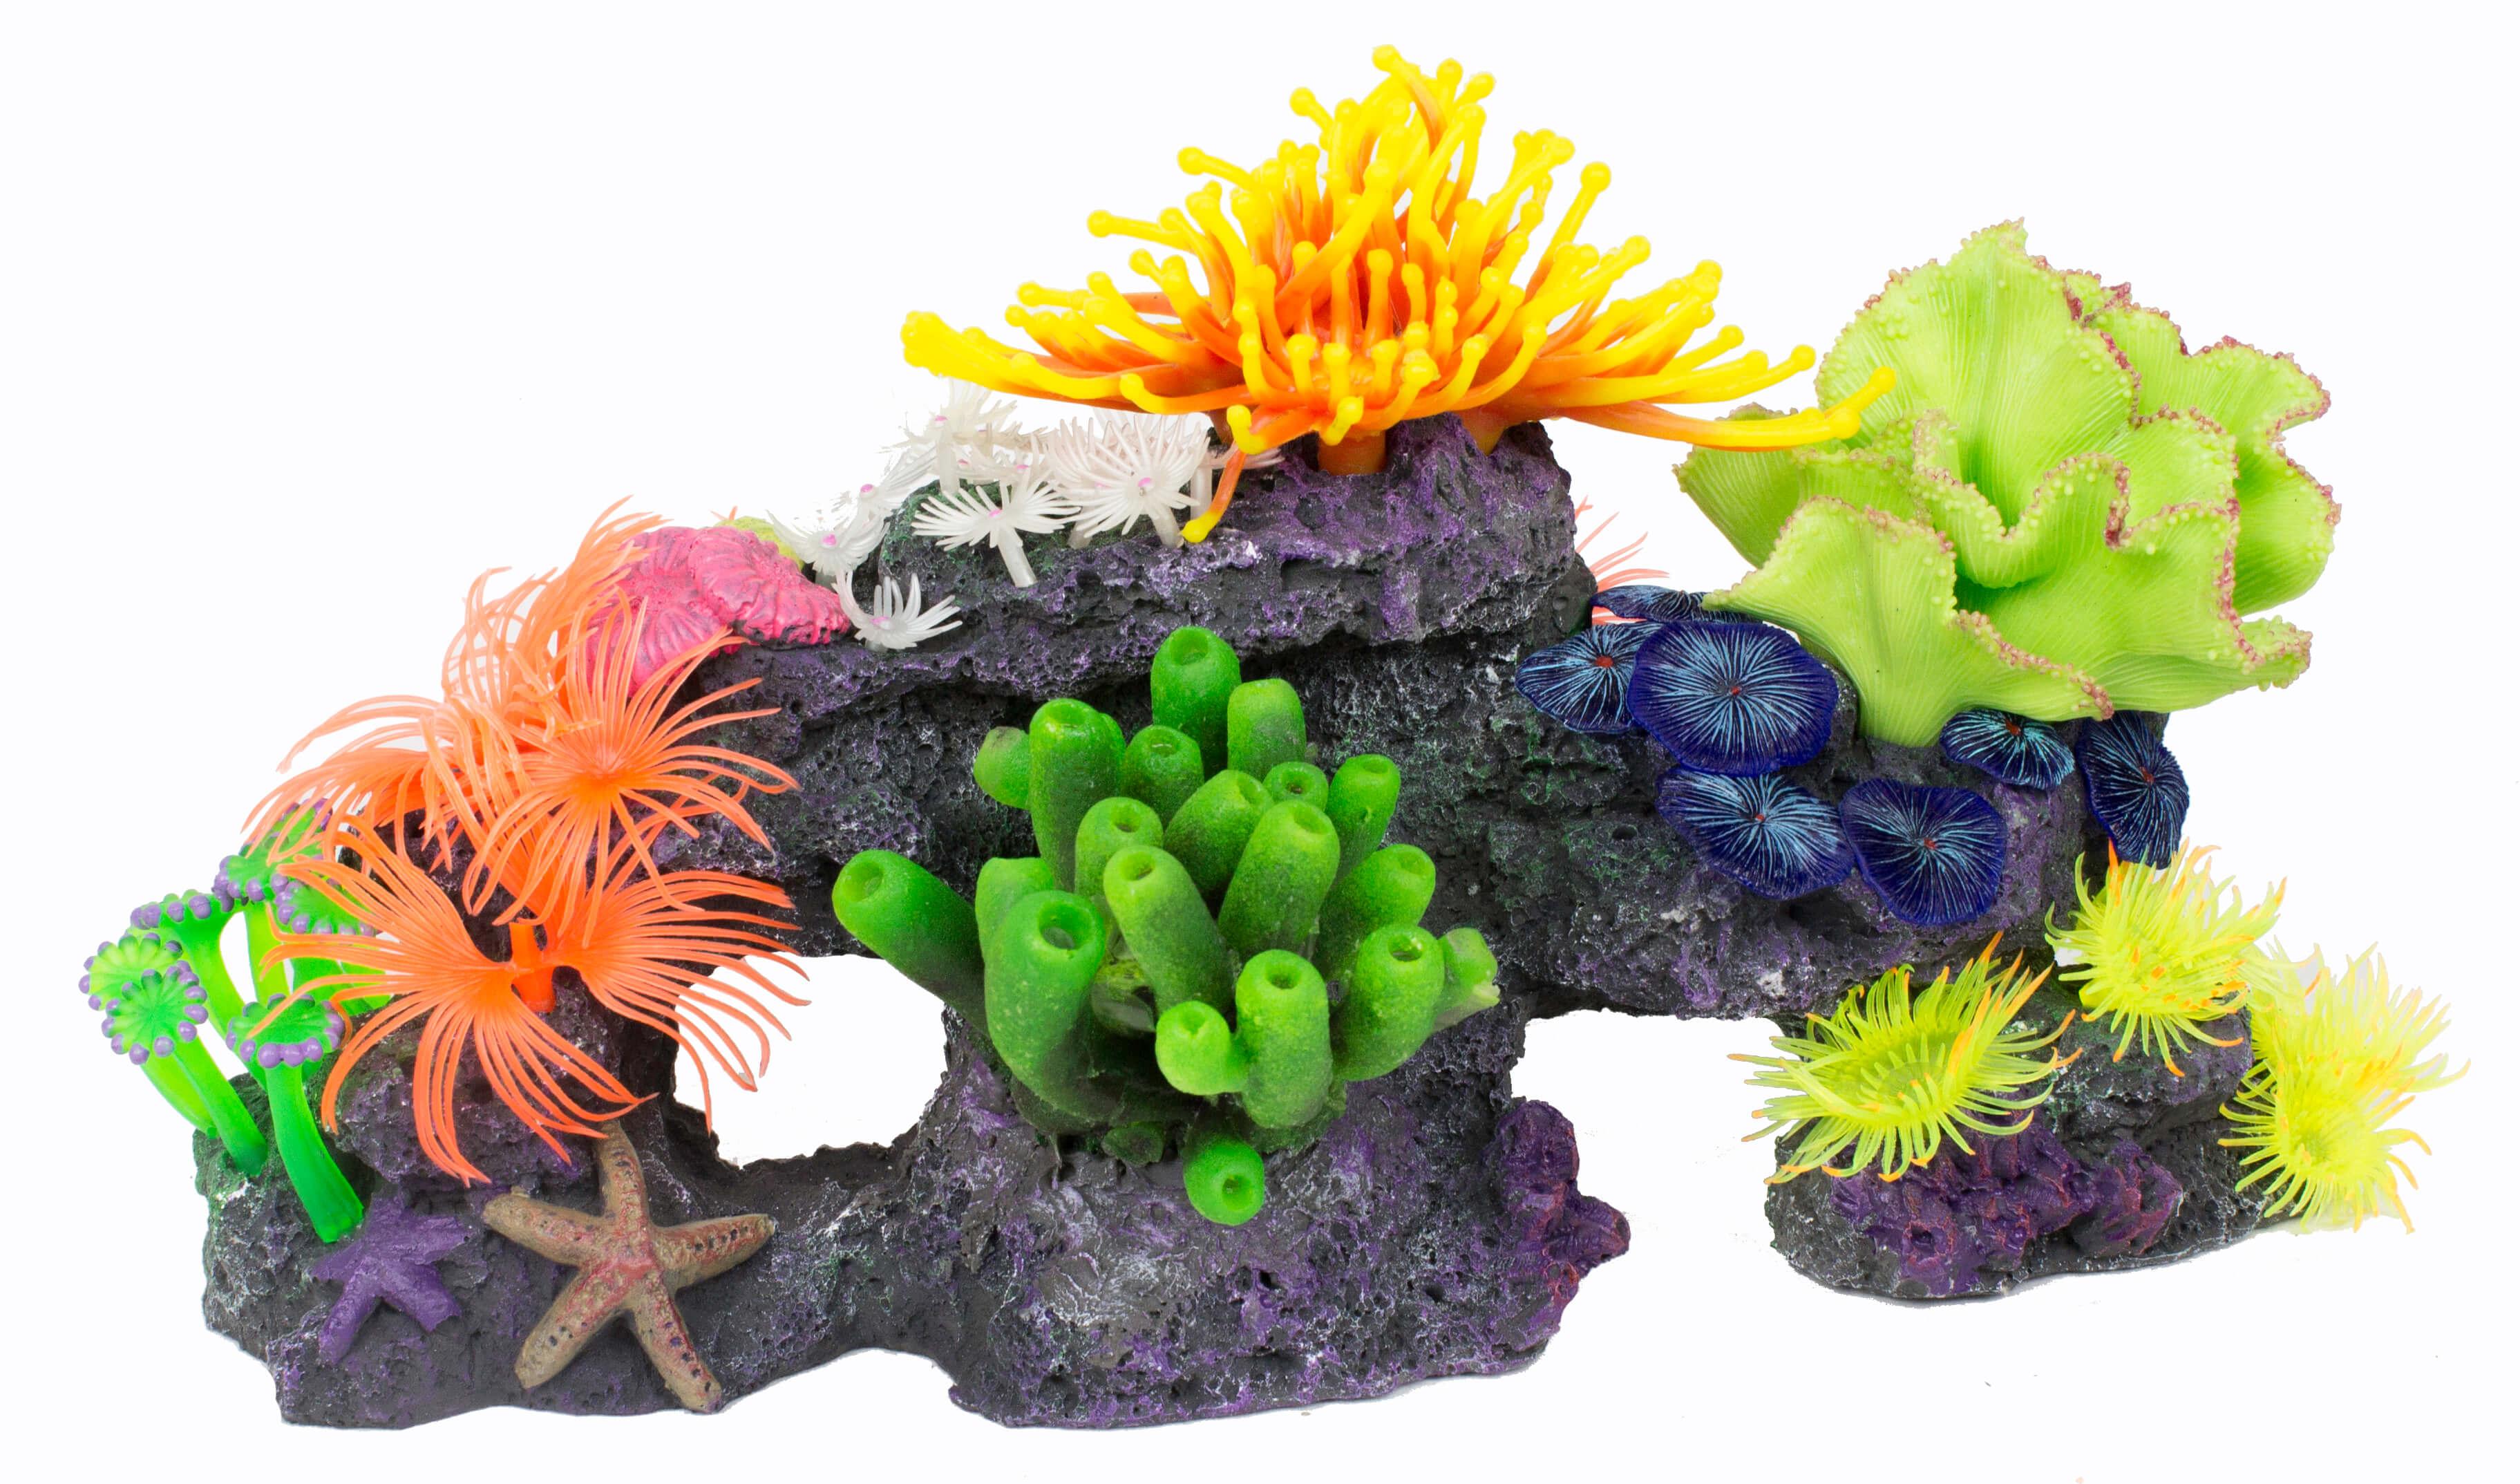 coral hanging concept size ebay of decor marvelous full bridge fish for terrarium decoration aquarium tank photos